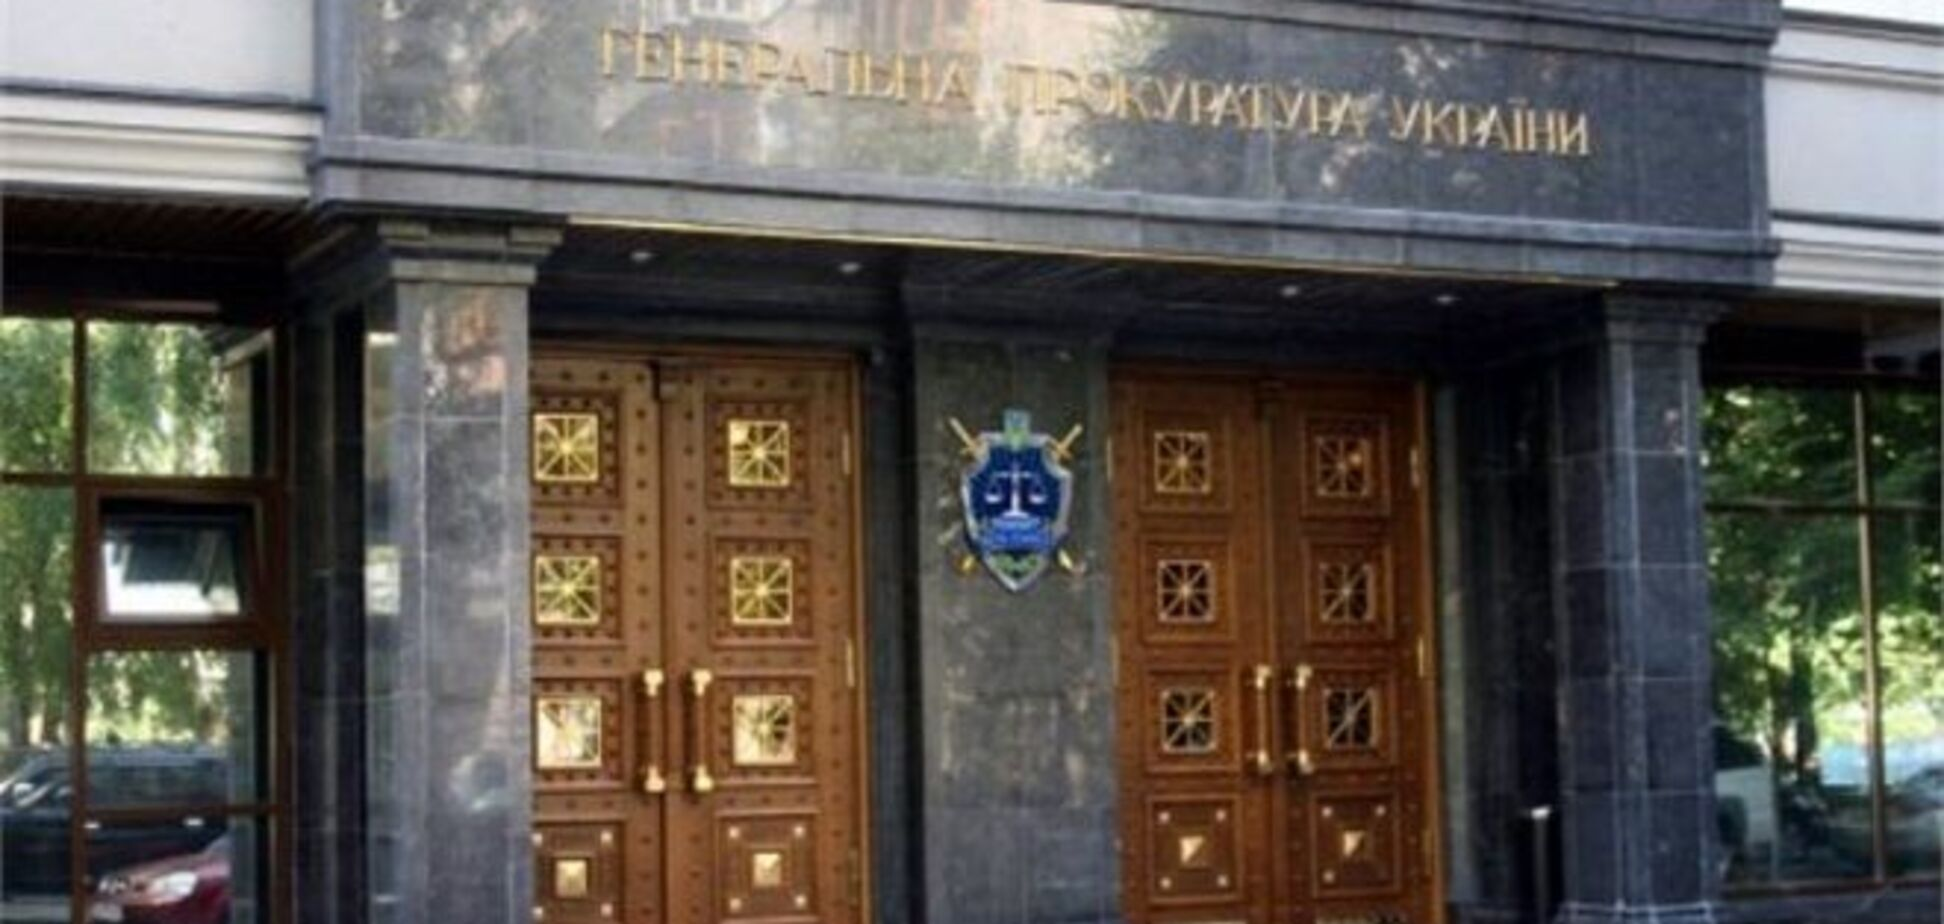 Дискриминацию крымских татар в Крыму должен рассматривать Евросуд - ГПУ